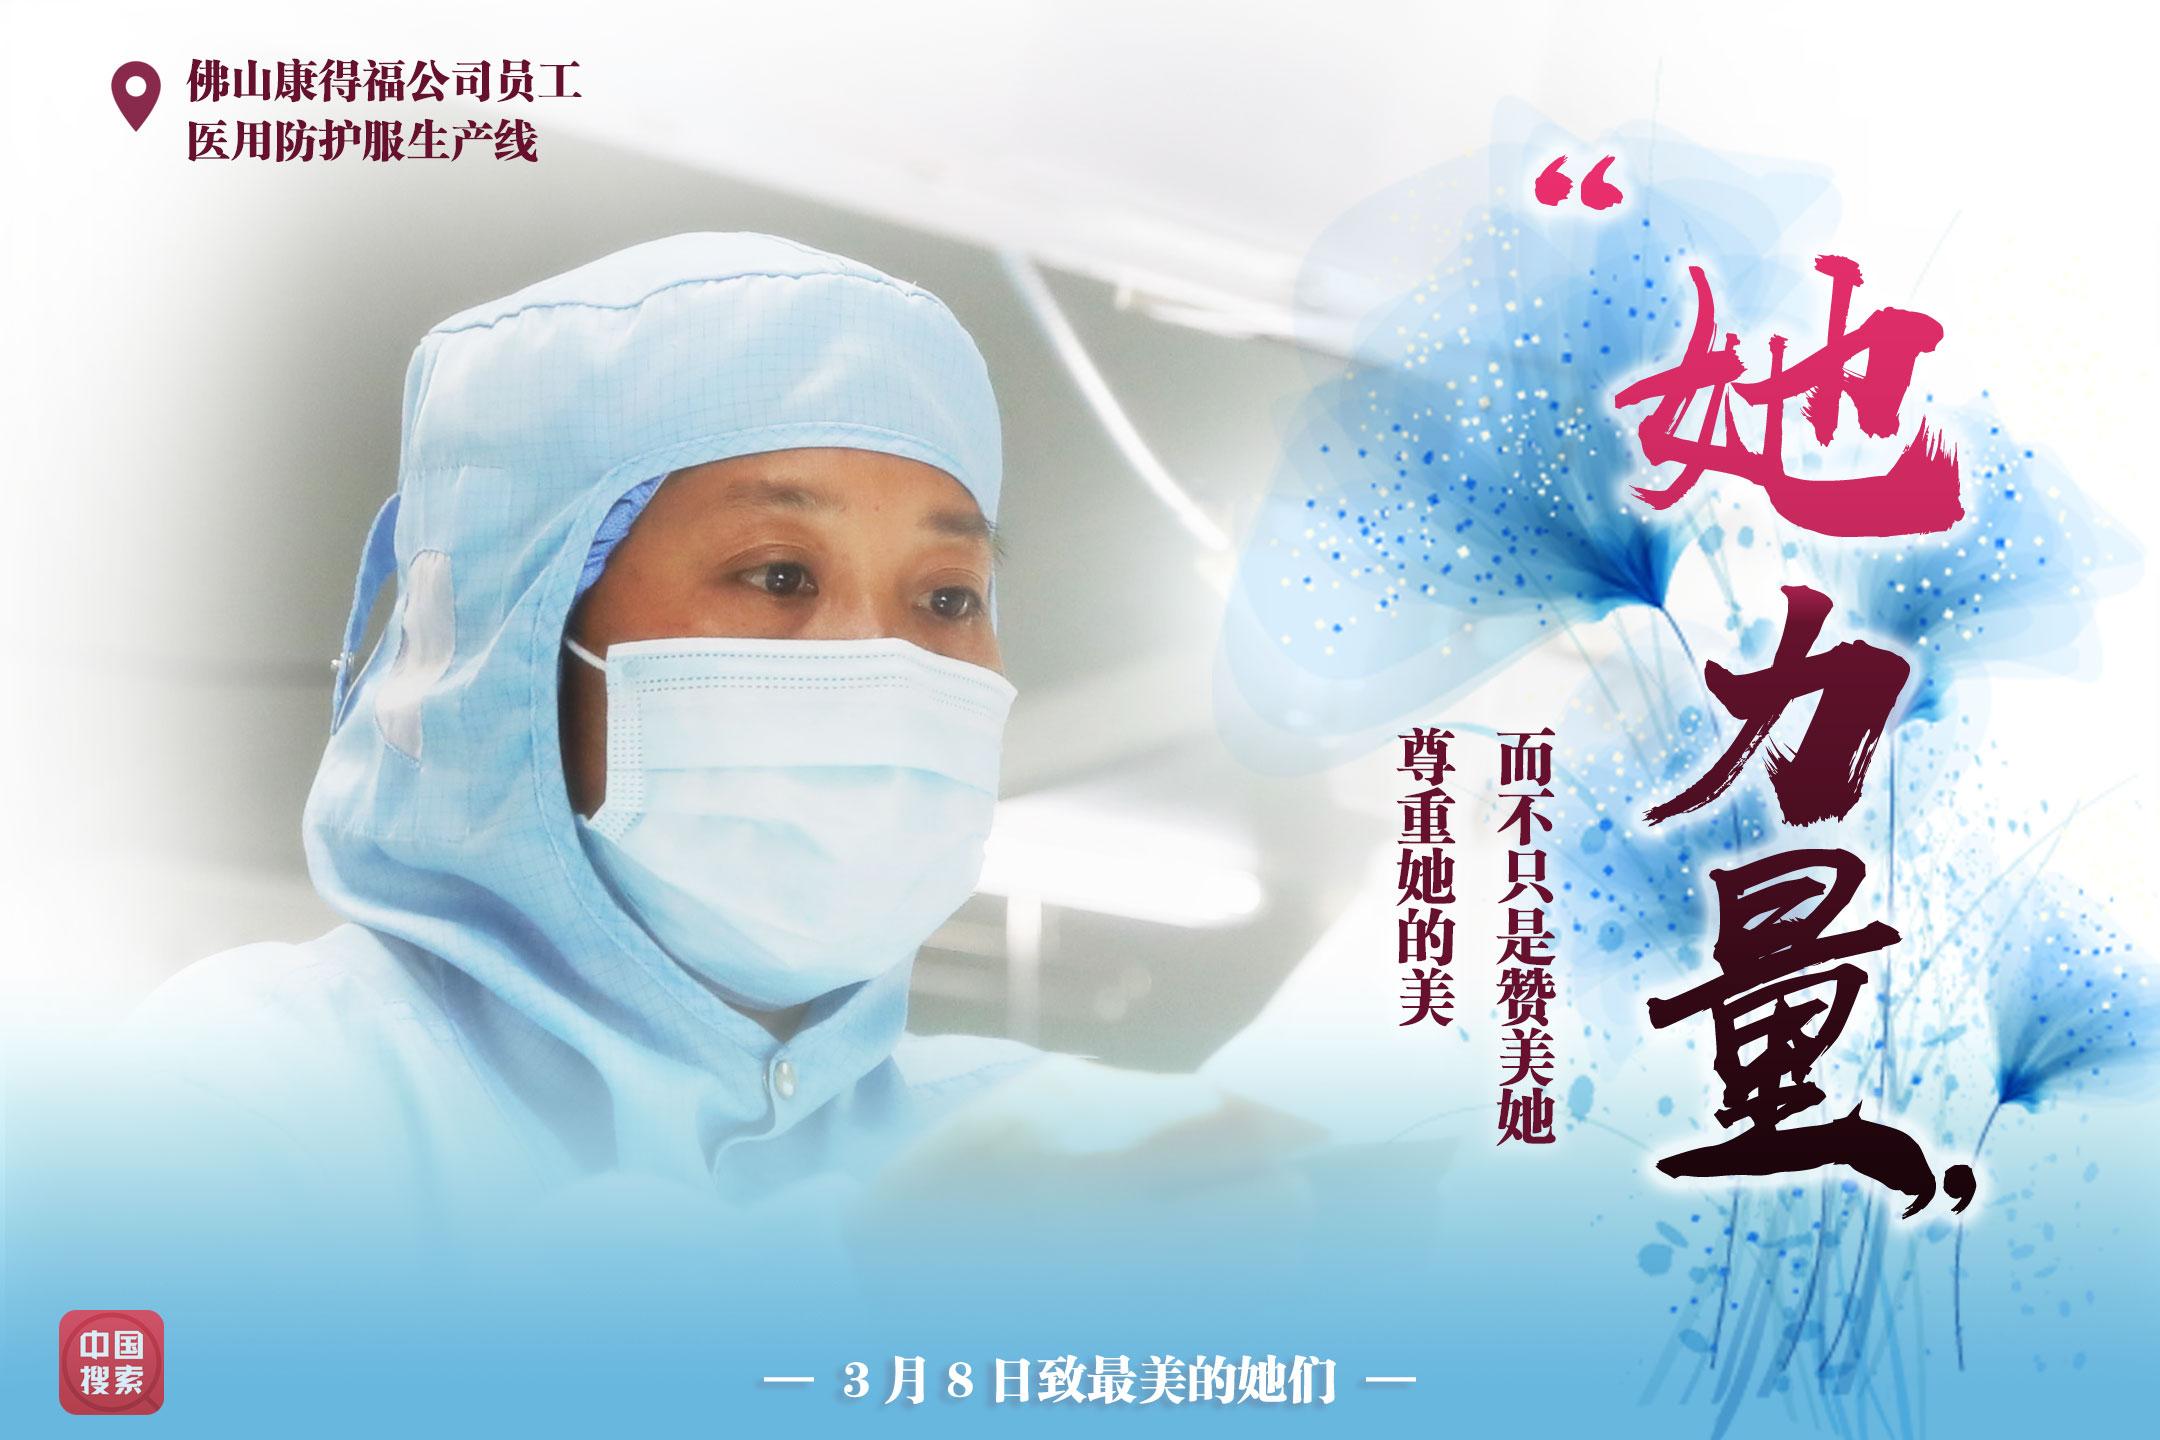 黑龙江哈尔滨康隆药业有限责任公司实验室化验员,在对物料进行检测